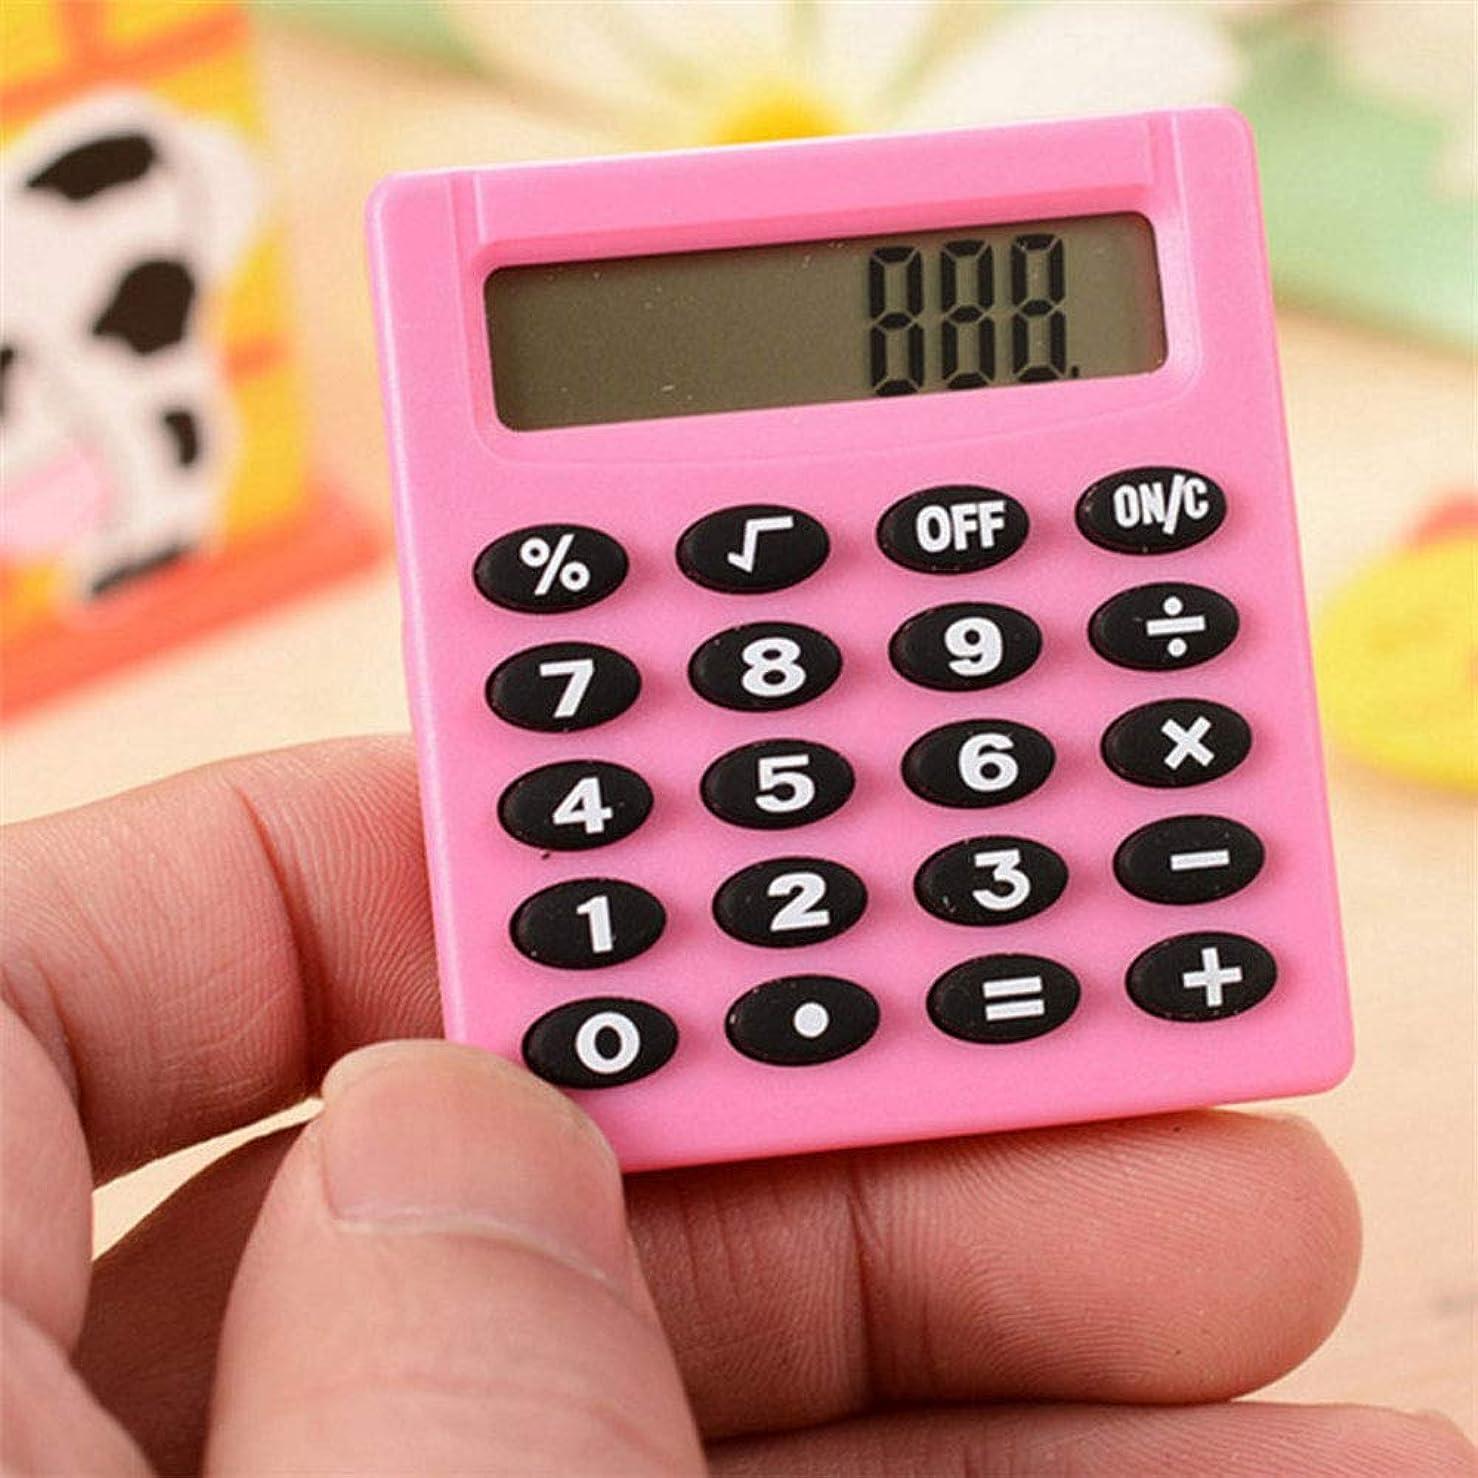 取り付けとげのある肌寒いデスクトップ計算機 電子計算機 電子計算機 太陽電池デュアルパワーオフィス計算機 太陽電池デュアルパワーオフィス計算機 デスクトップ計算機 大型LCDモニター 大型LCDモニター Z-12 (Pink)